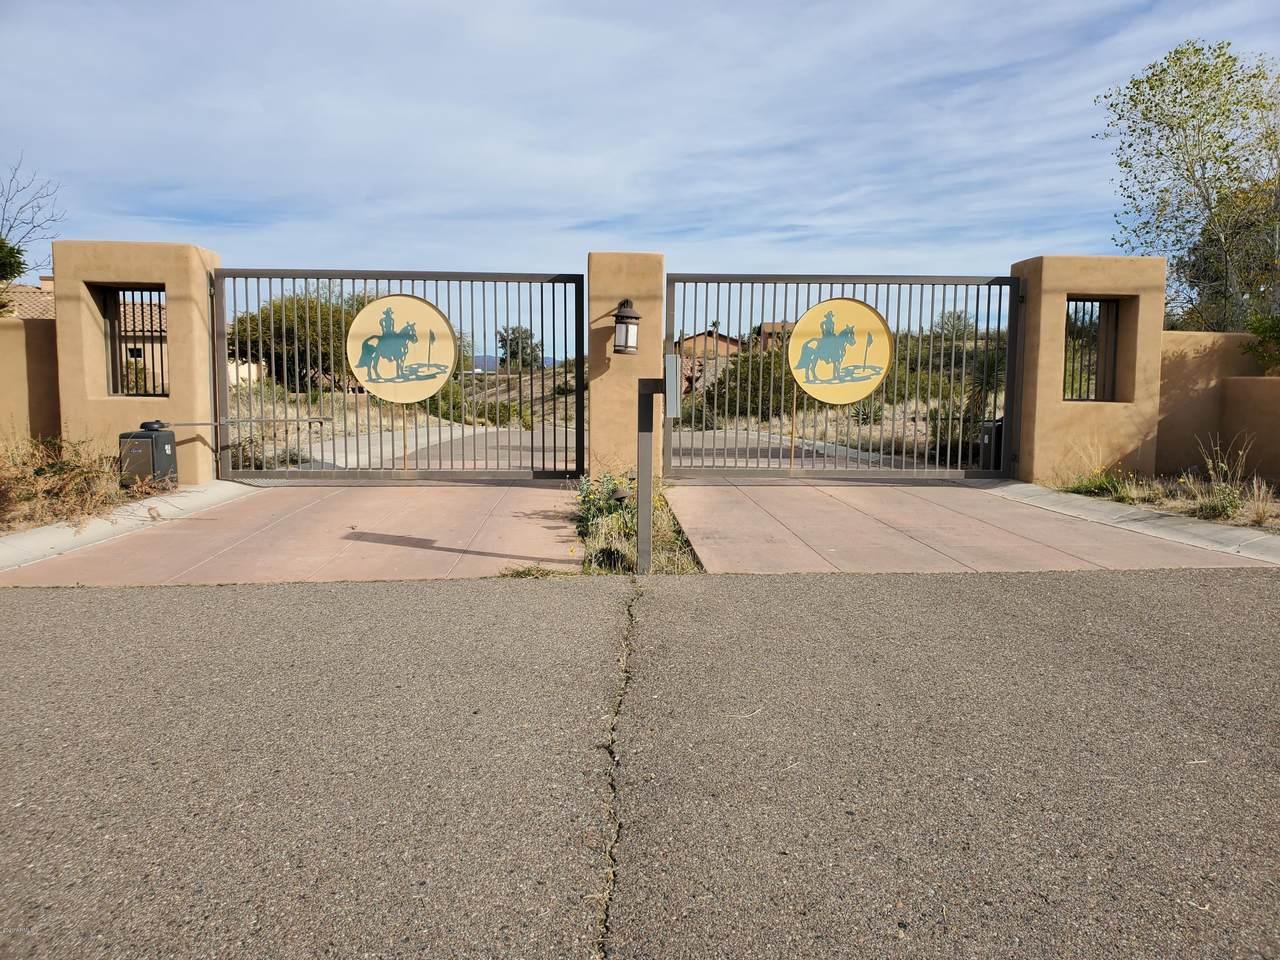 000 Wcc Estates Subdivision - Photo 1